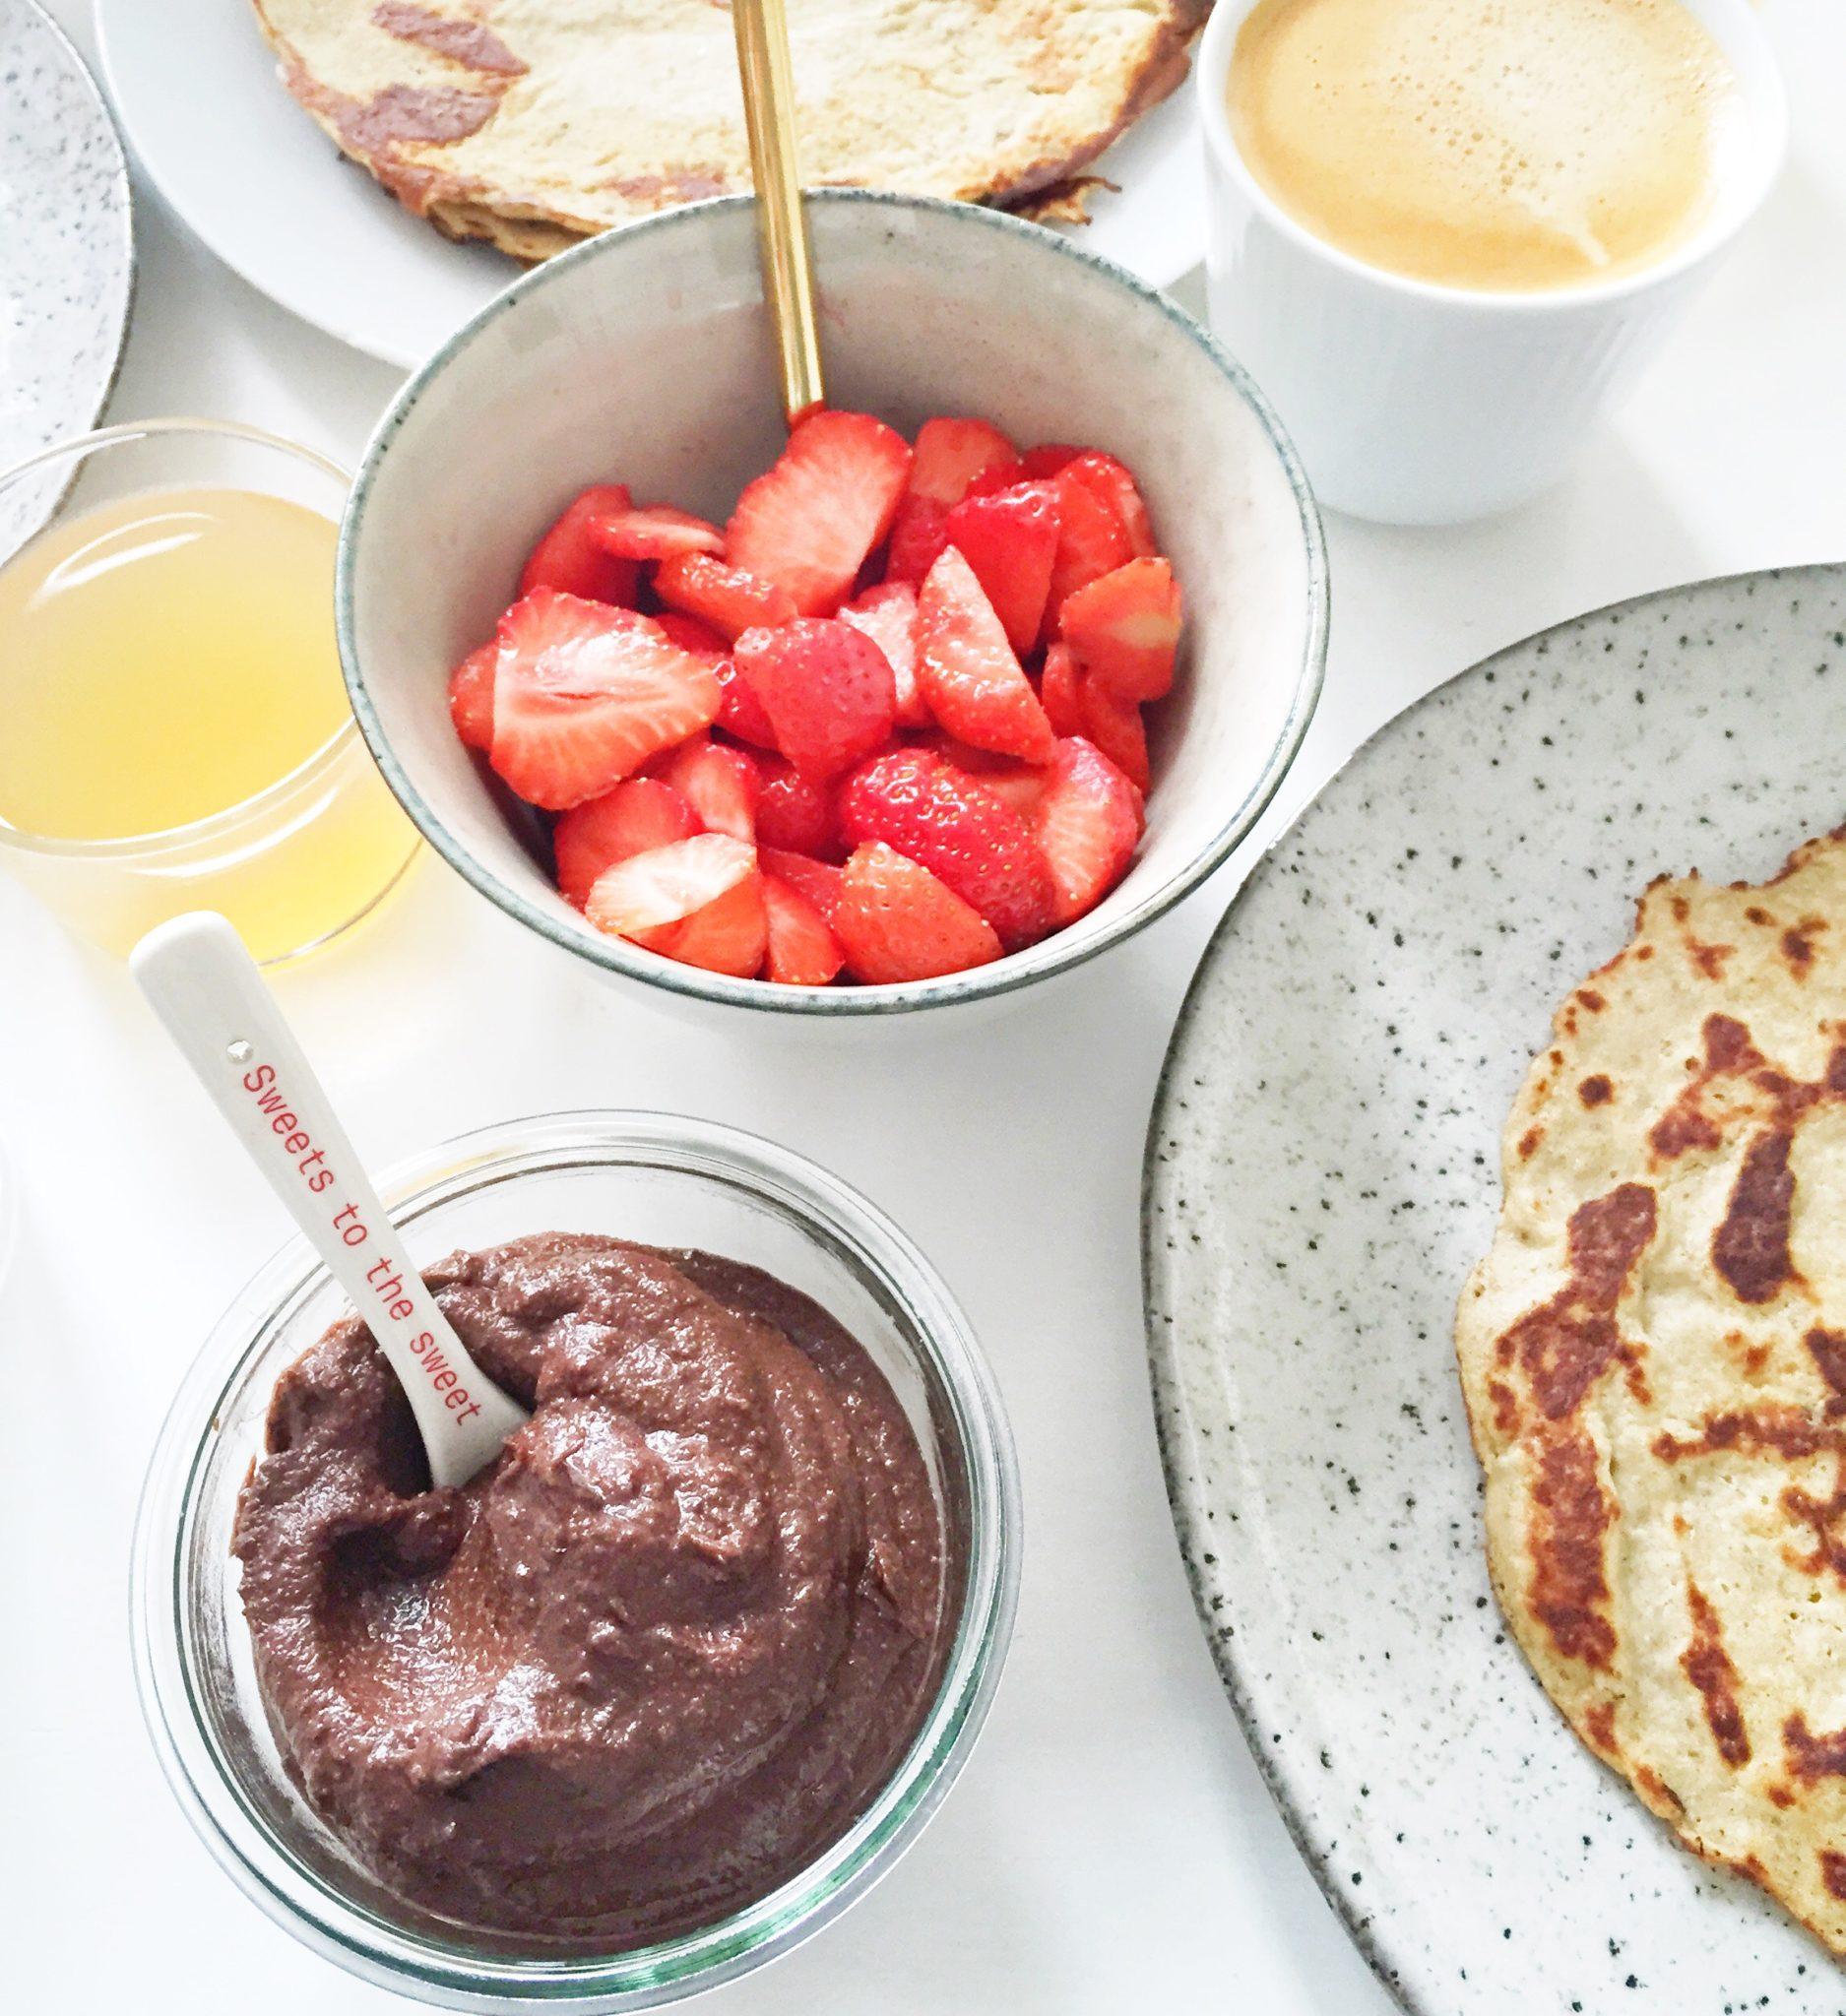 Opskrift på de bedste pandekager med cashewyoghurt